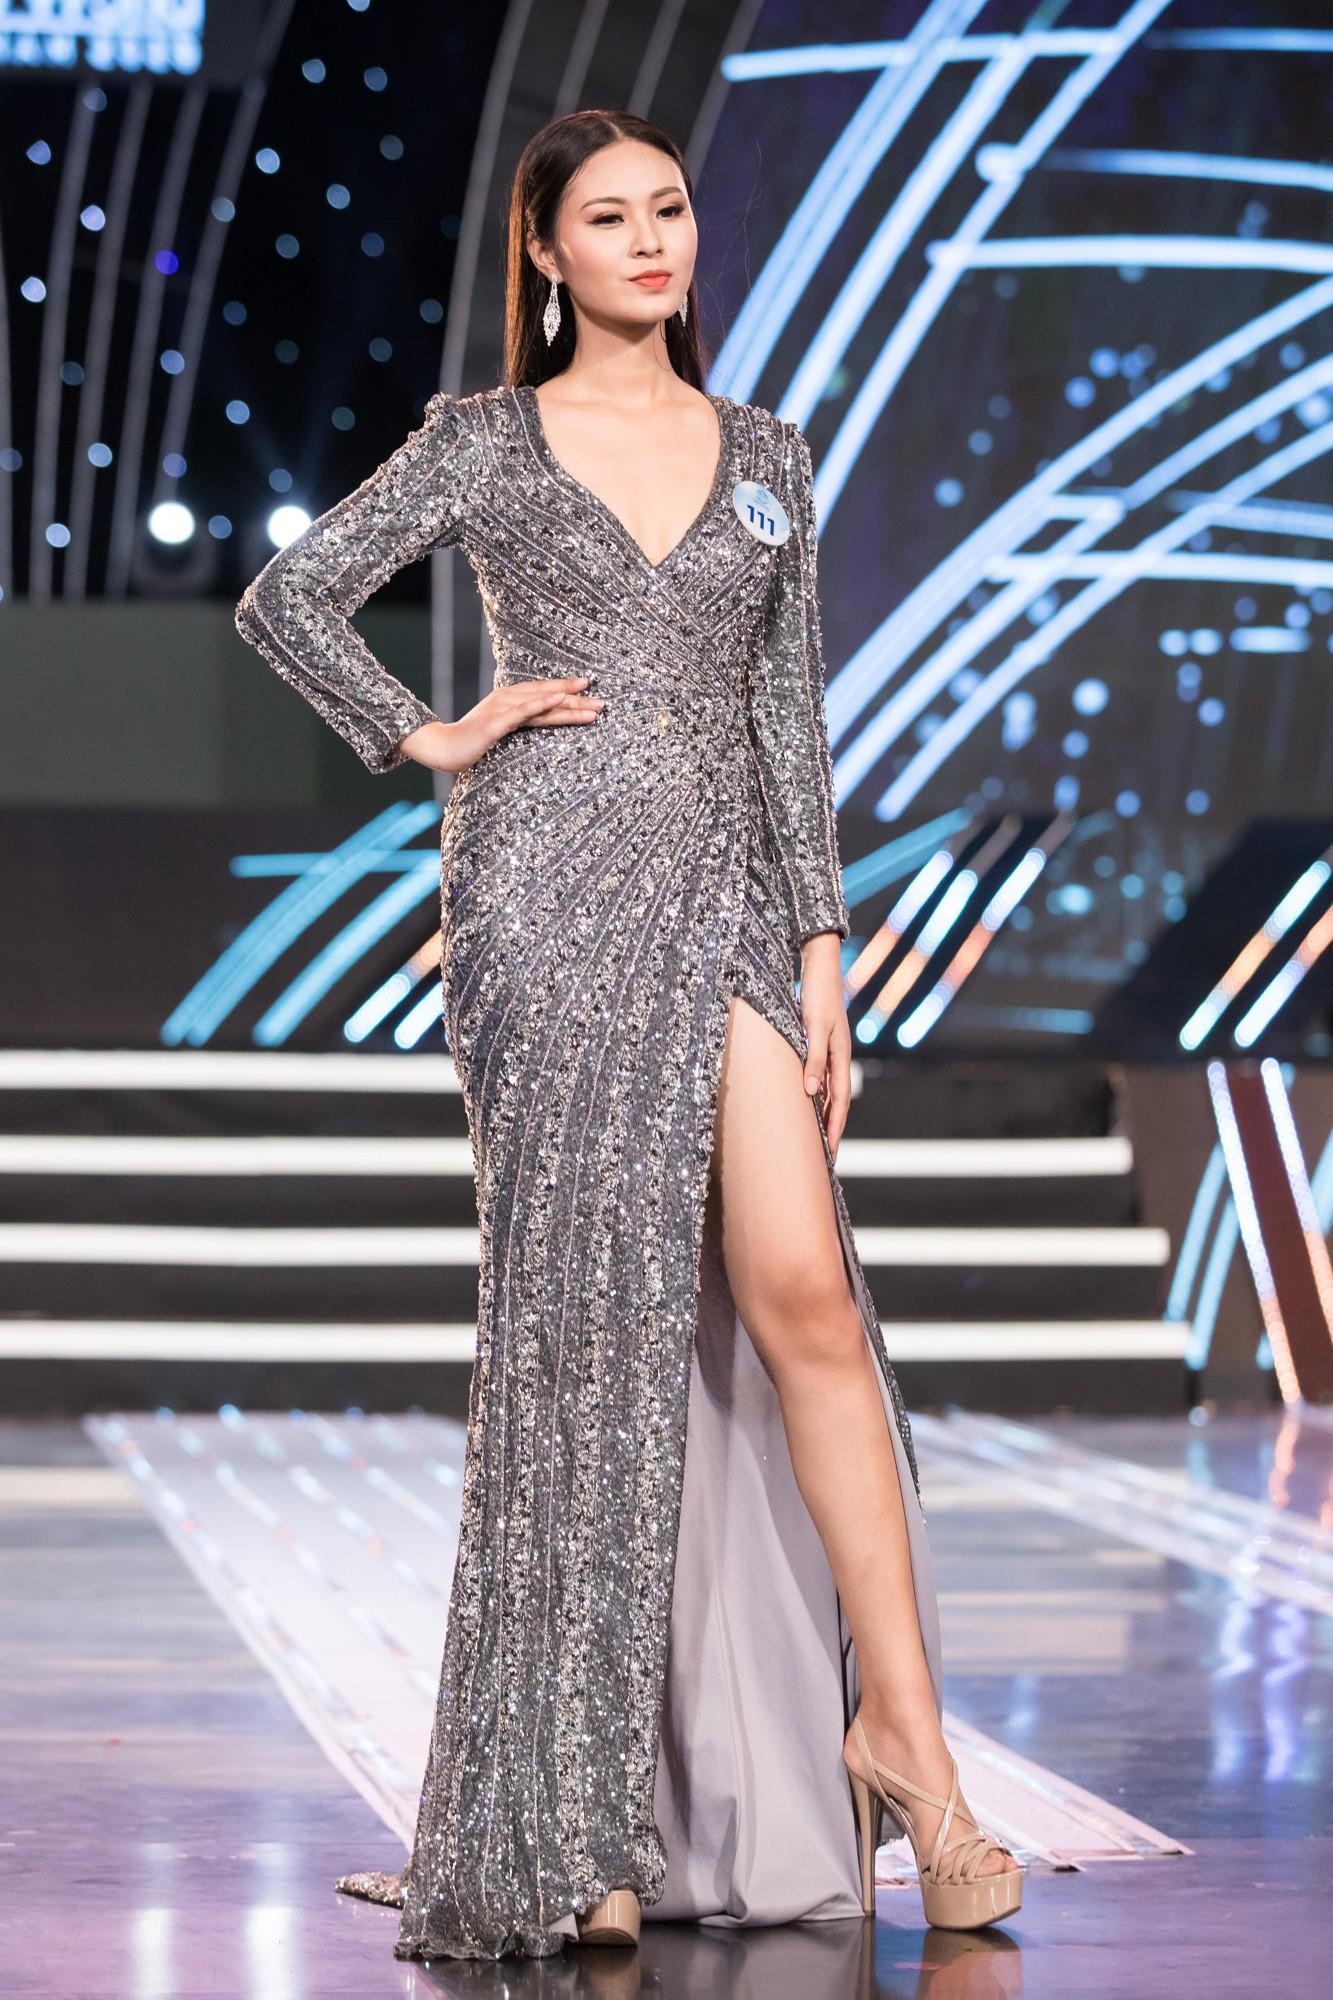 Chính thức lộ diện 20 chiến binh tiếp theo bước vào vòng chung kết Miss World Việt Nam 2019 - Ảnh 7.